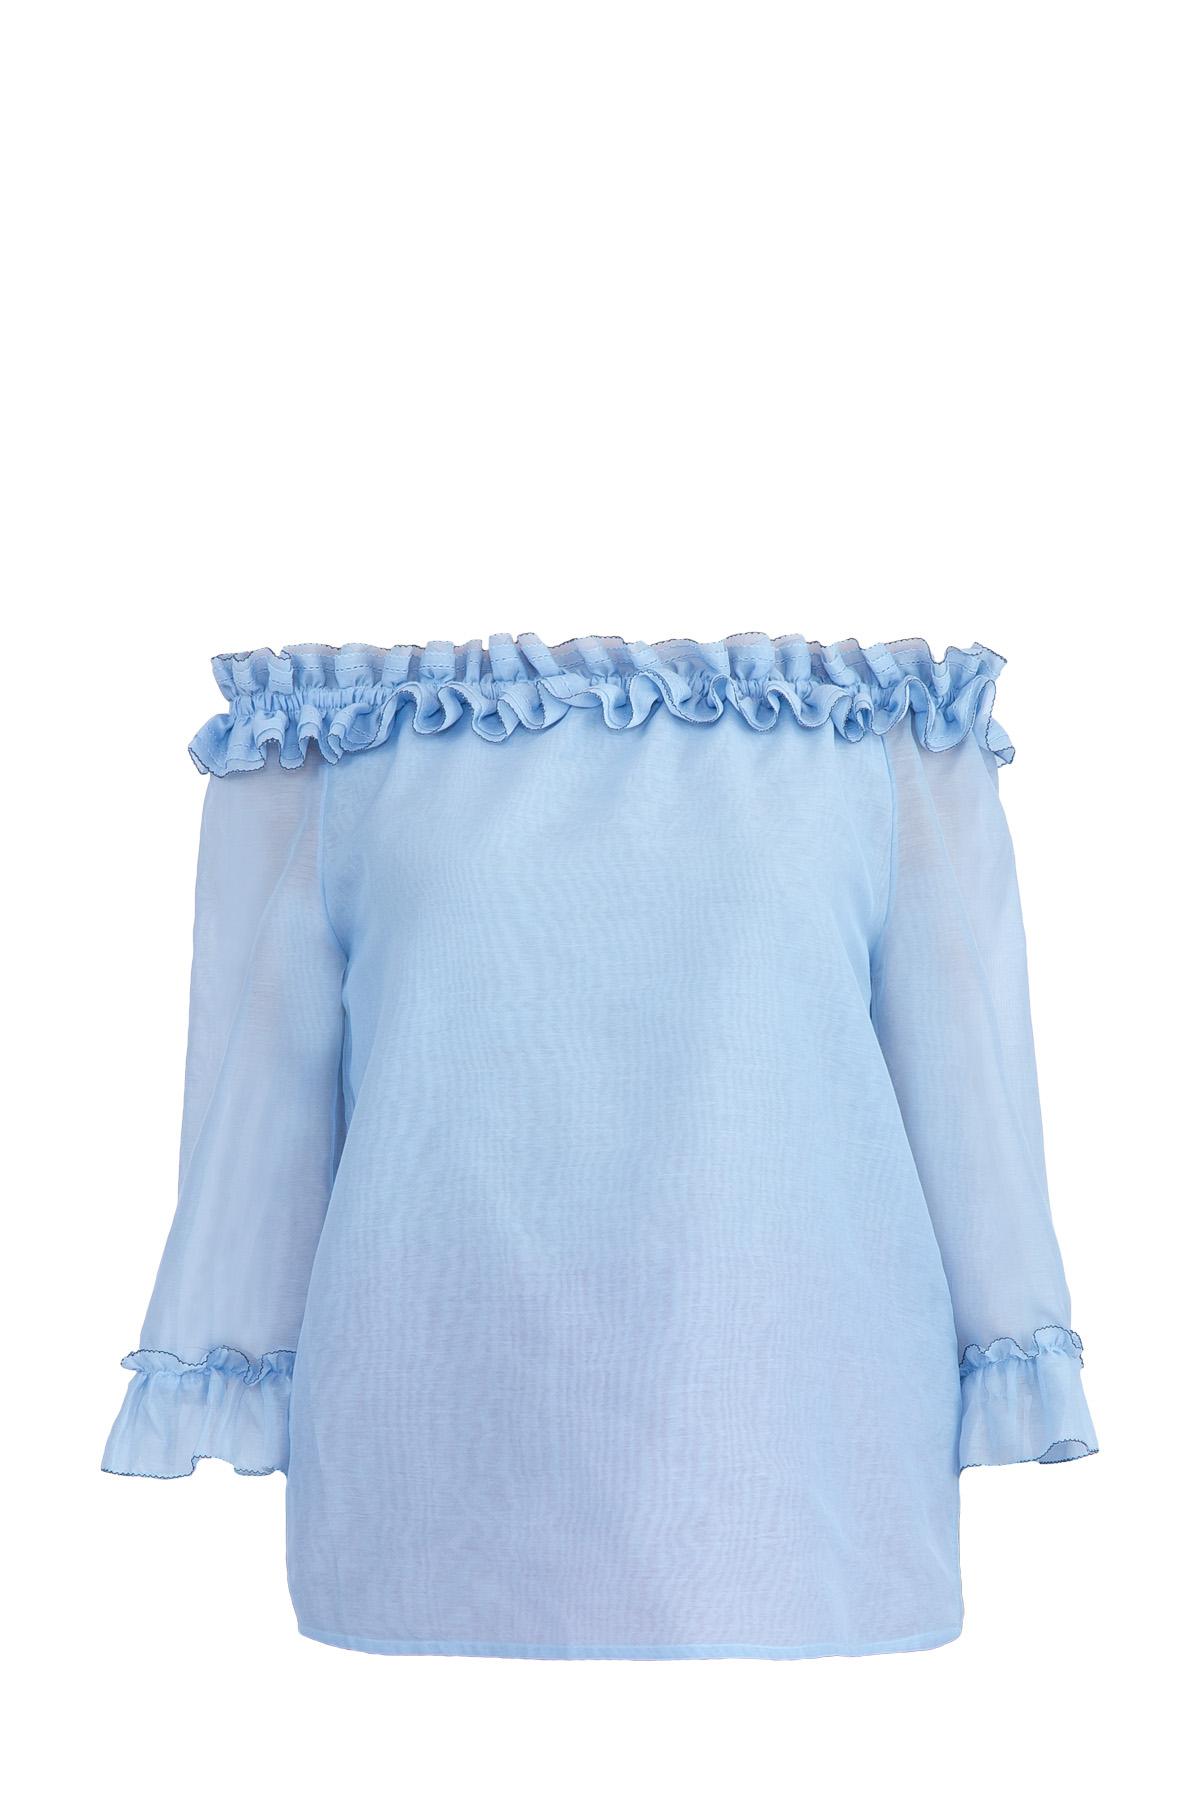 Легкая блузка с открытыми плечами и оборками на кромках